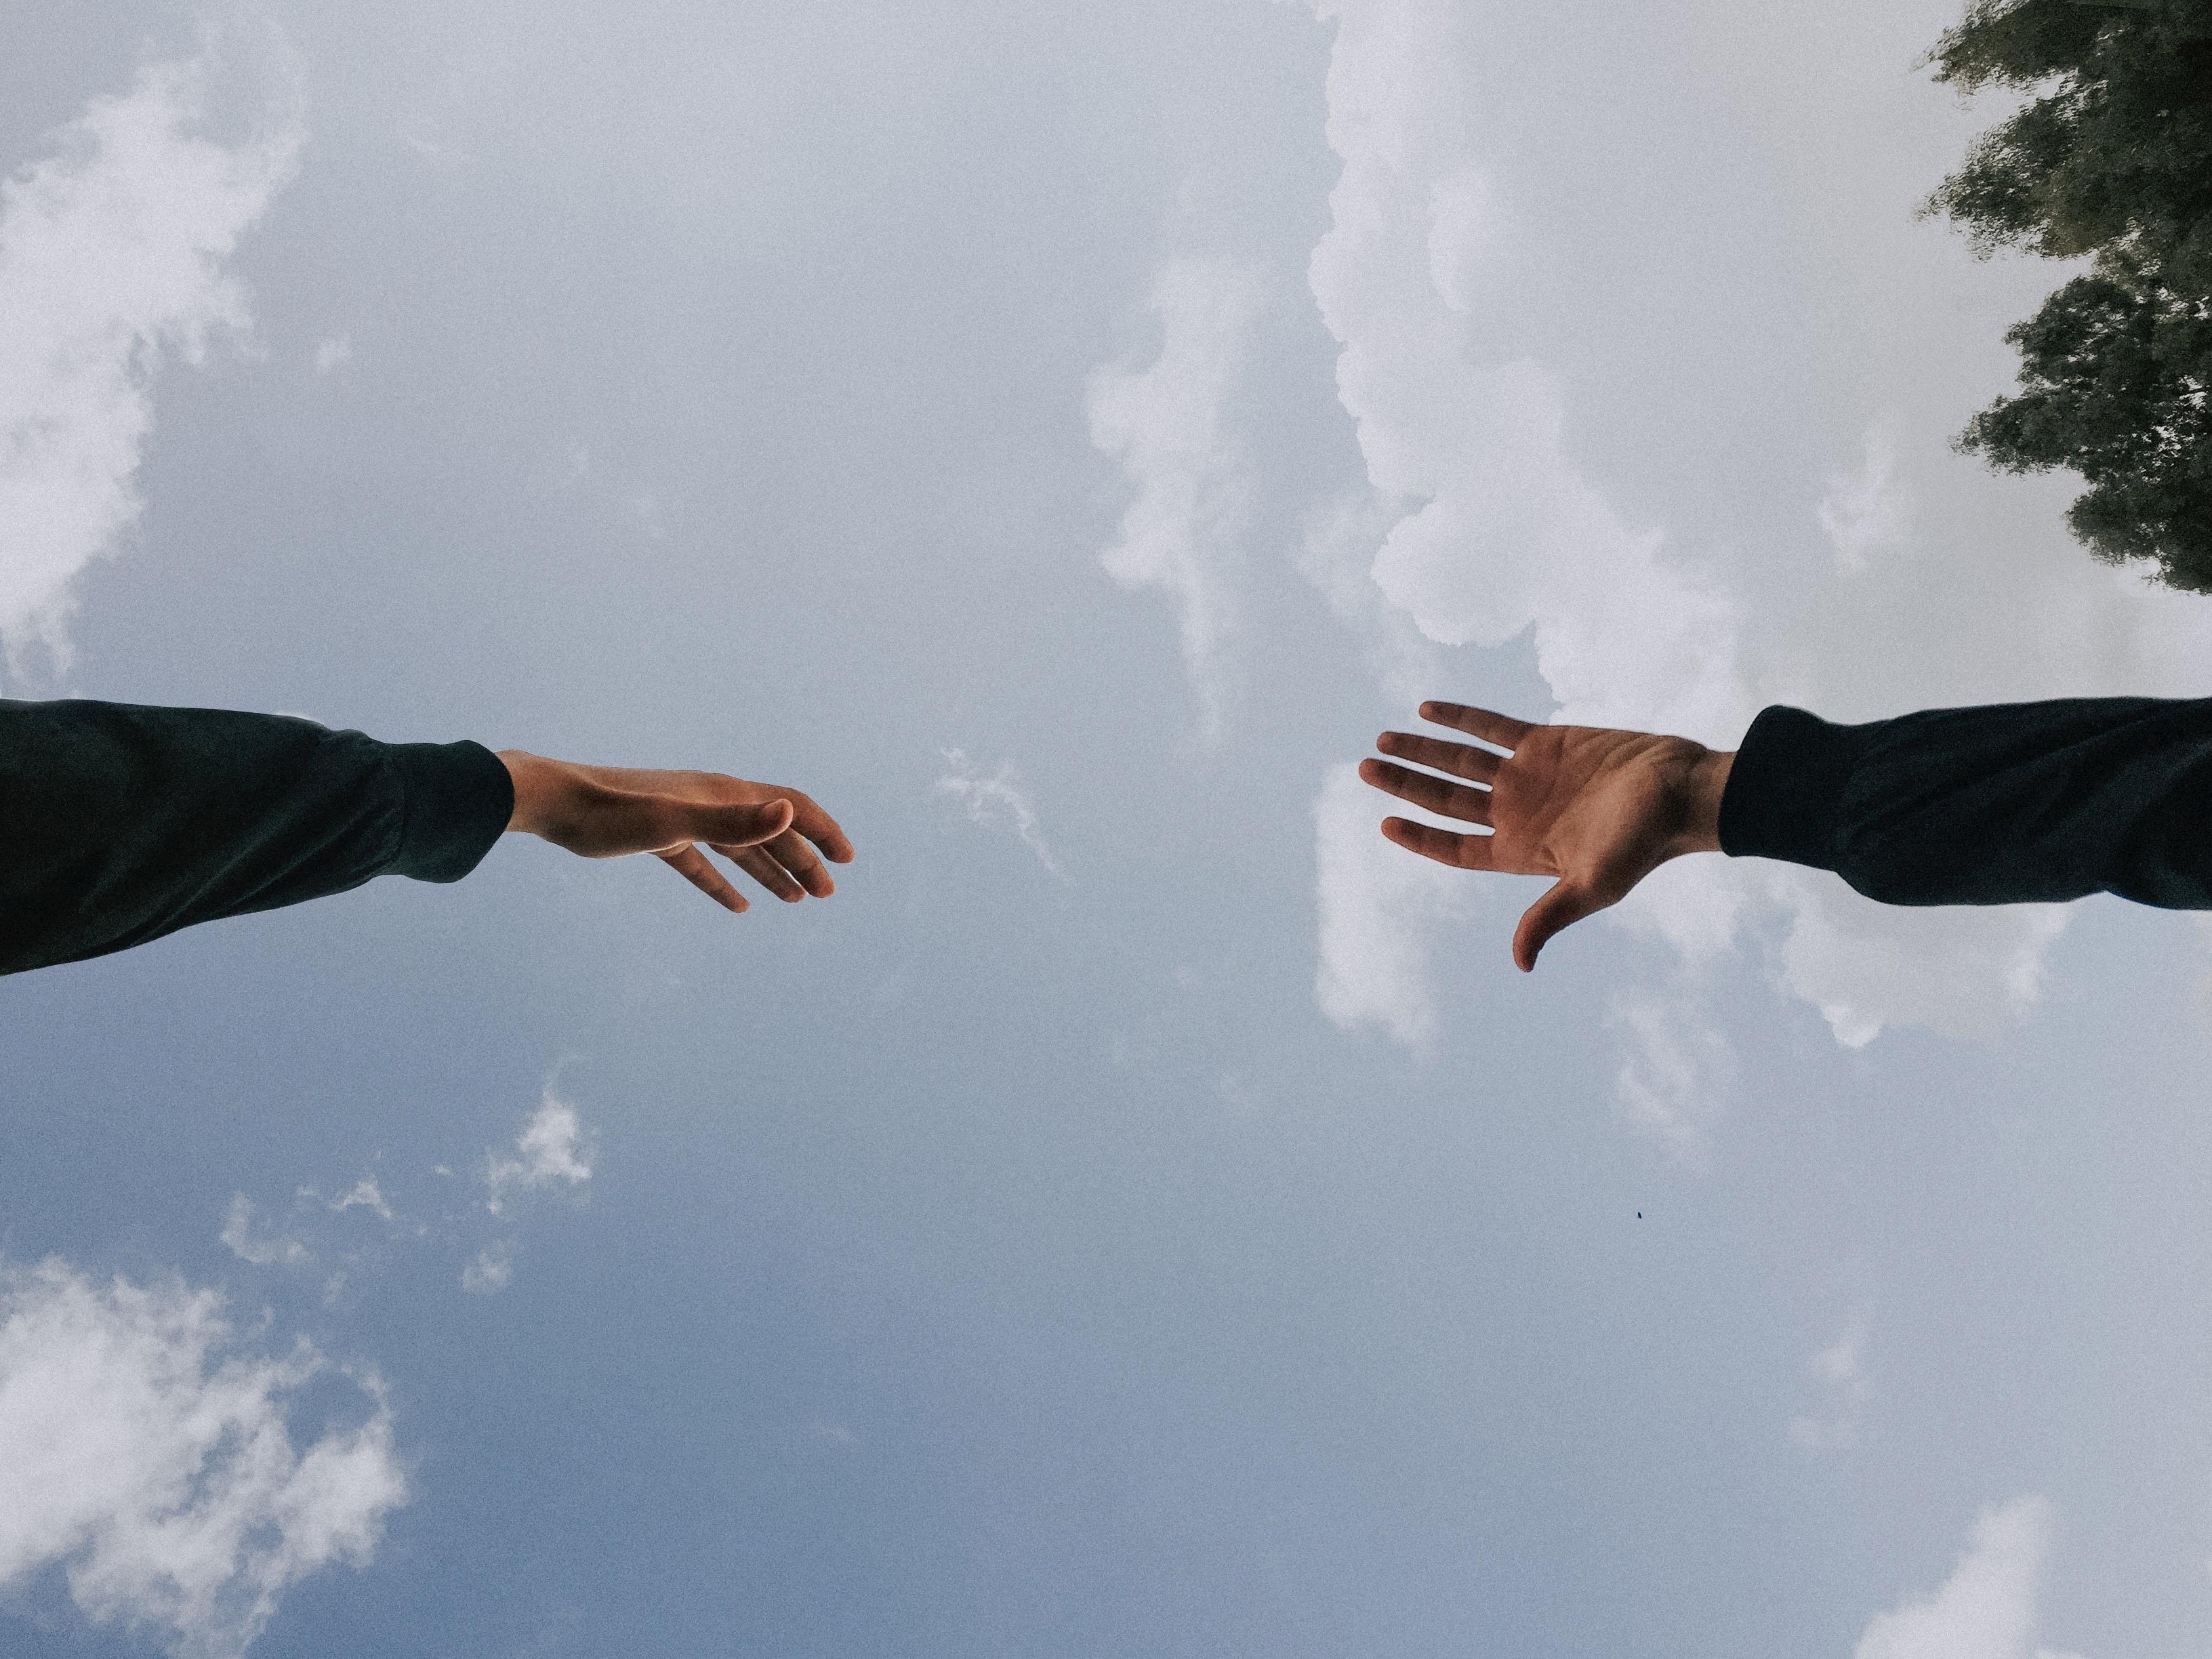 Hænder, hånd, himmel. (Foto: Unsplash)